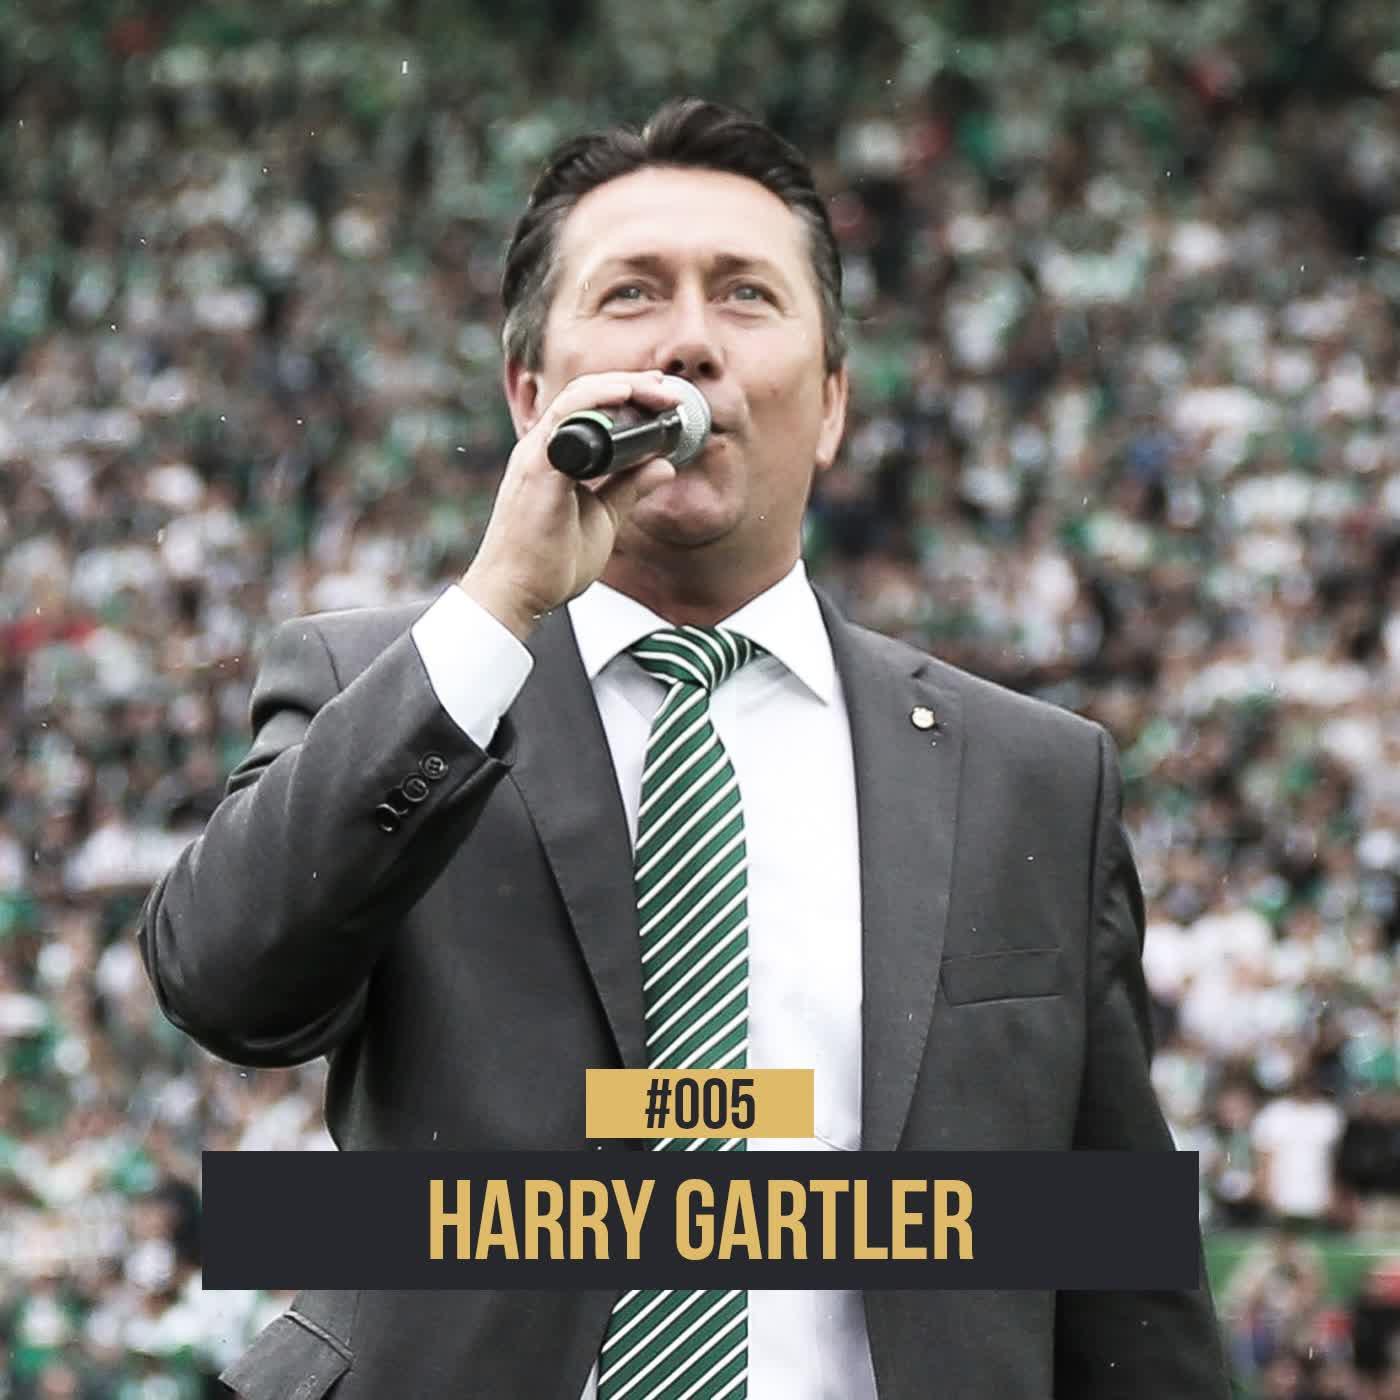 #005 Harry Gartler: Österreichs Stadion-Mastermind